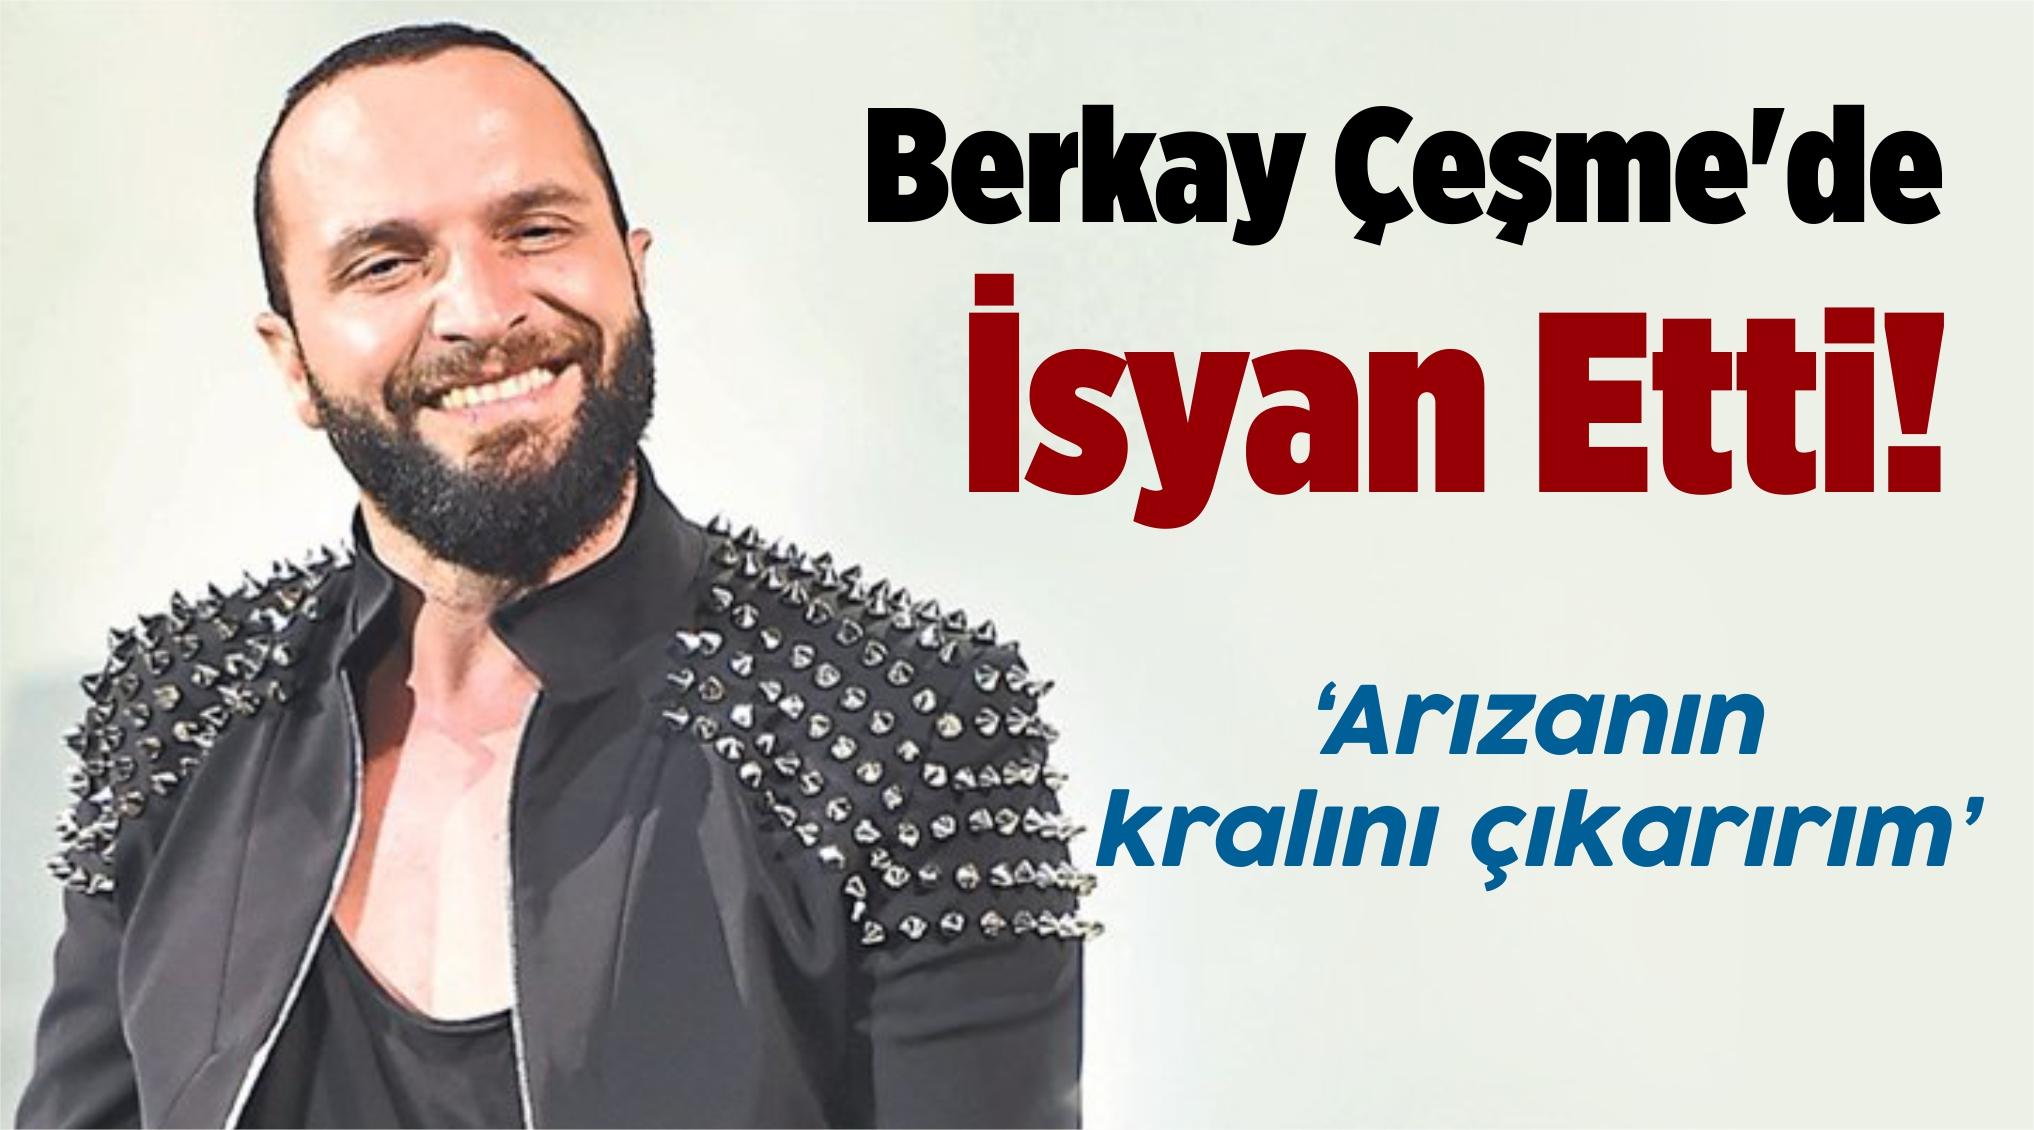 Ünlü Şarkıcı Berkay Çeşme'de İsyan Etti!